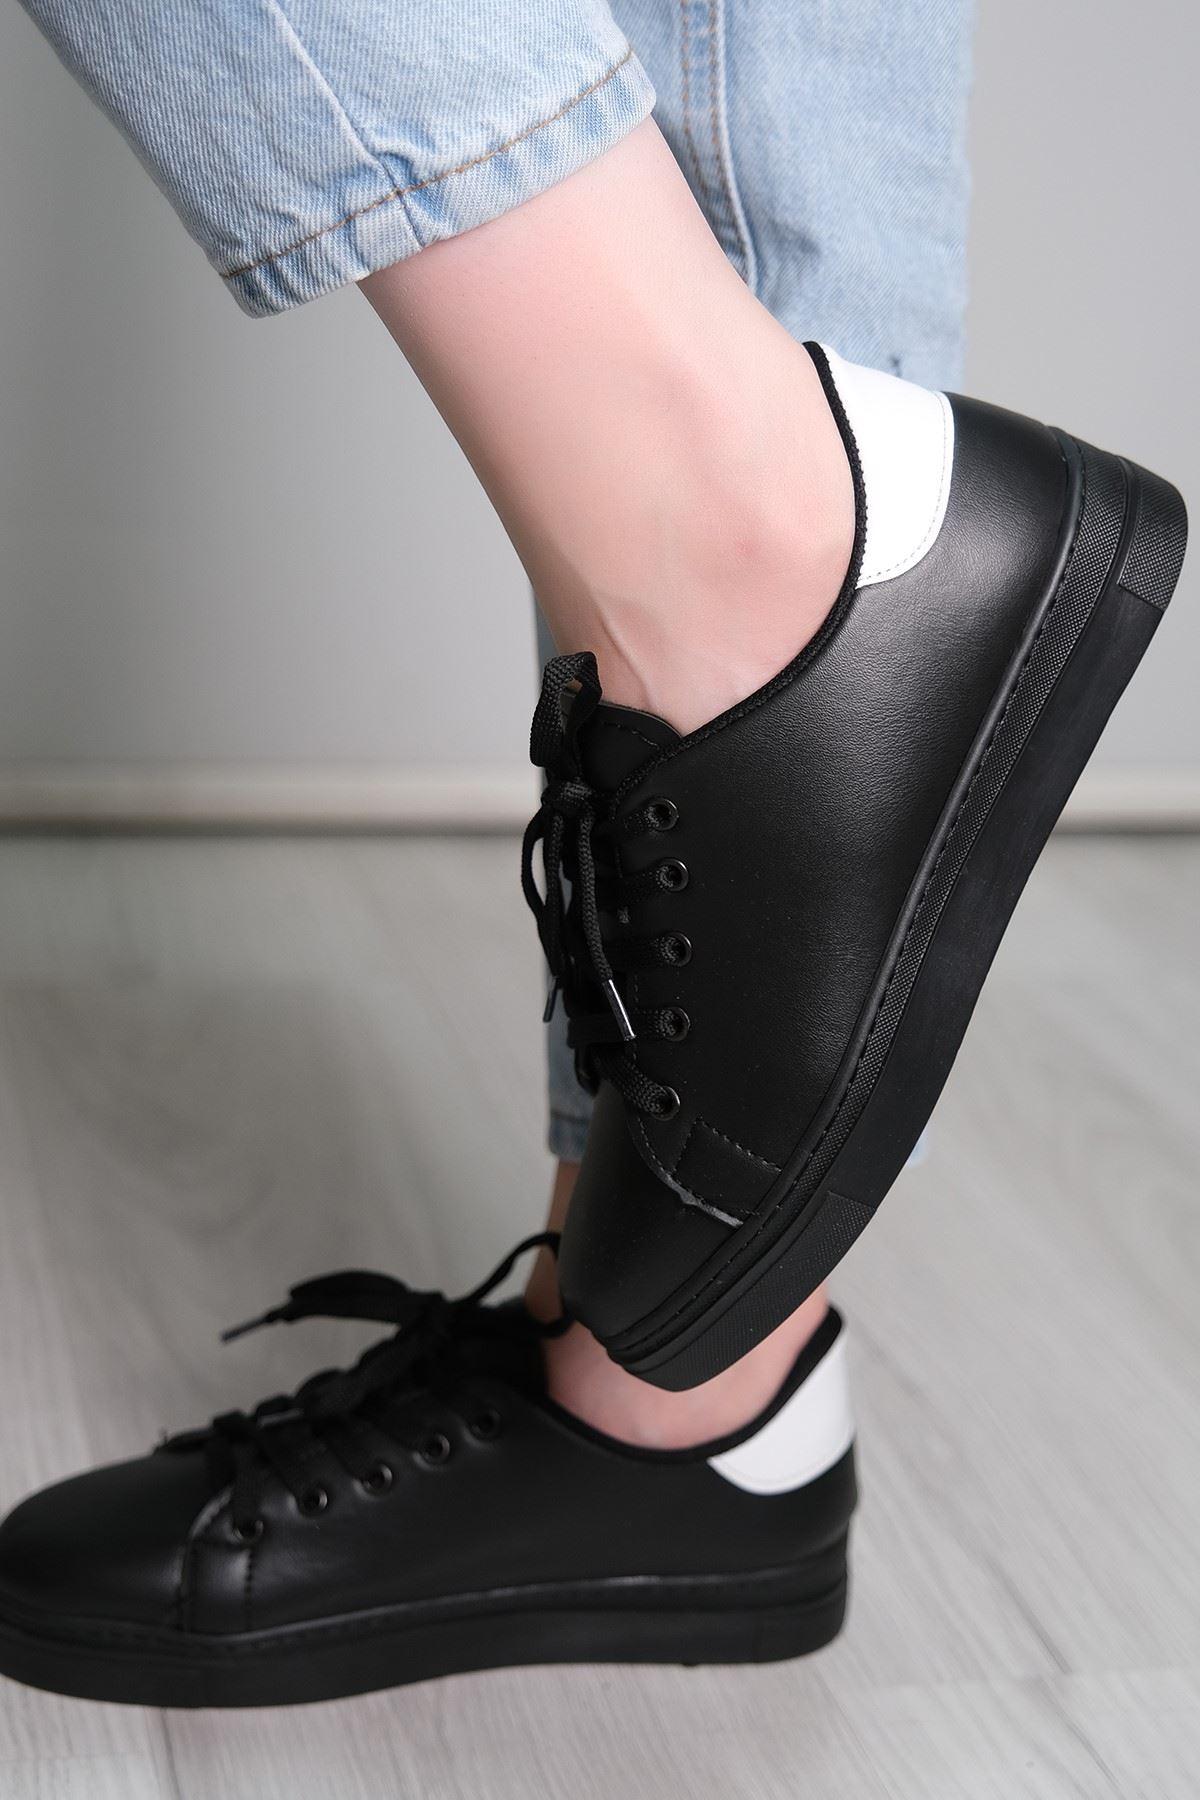 Kalın Tbn Günlük Ayakkabı Siyahbeyaz2 - 8585.264.